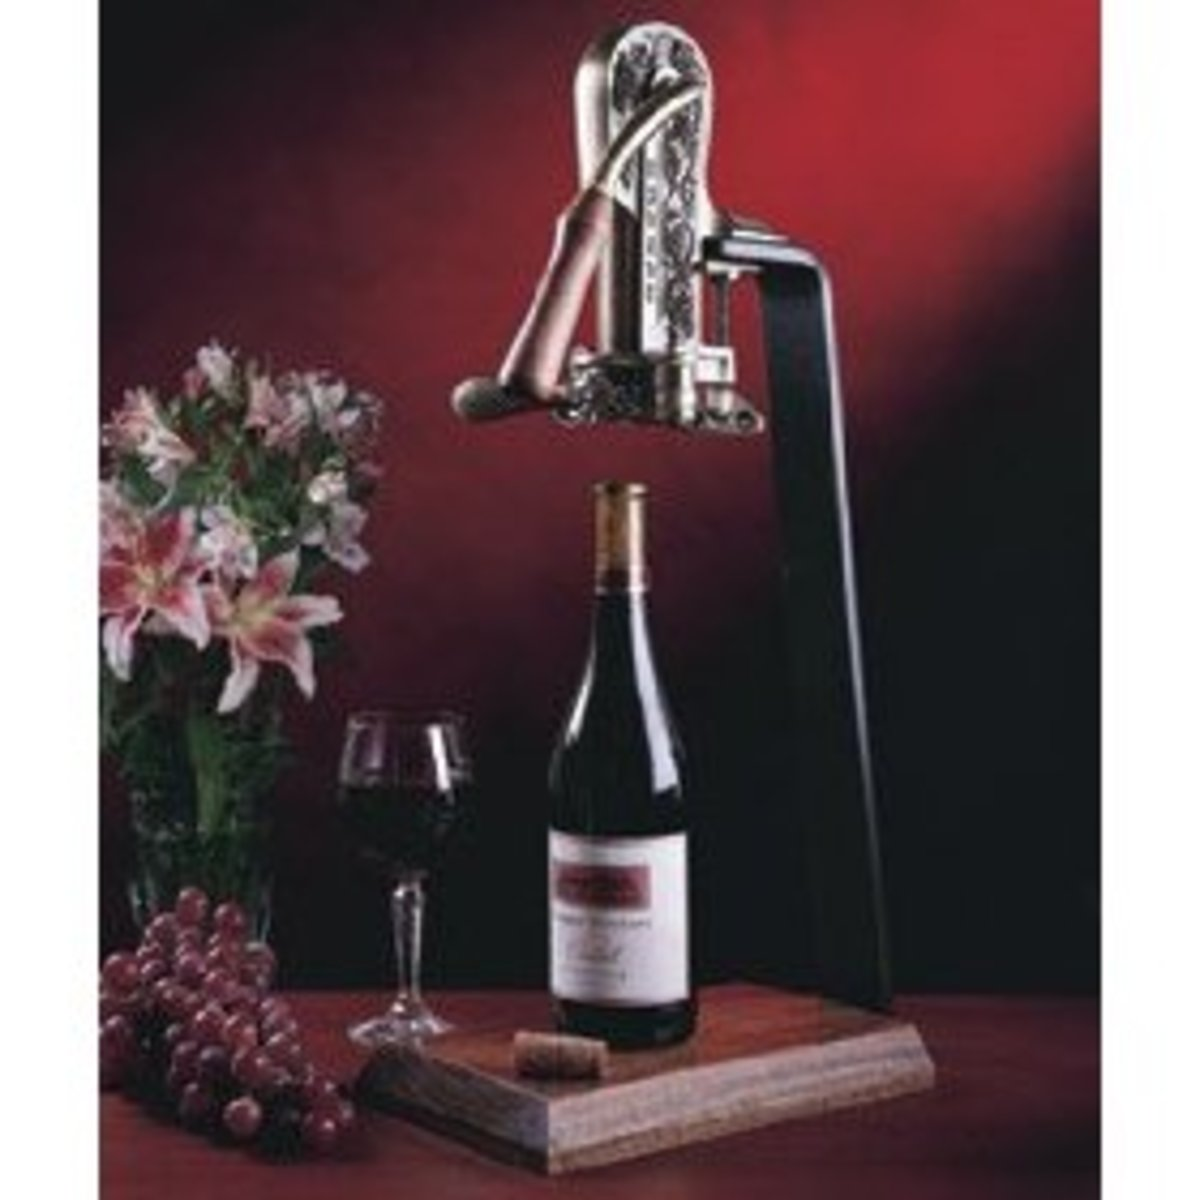 Rogar Estate Lever Wine Opener Corkscrew